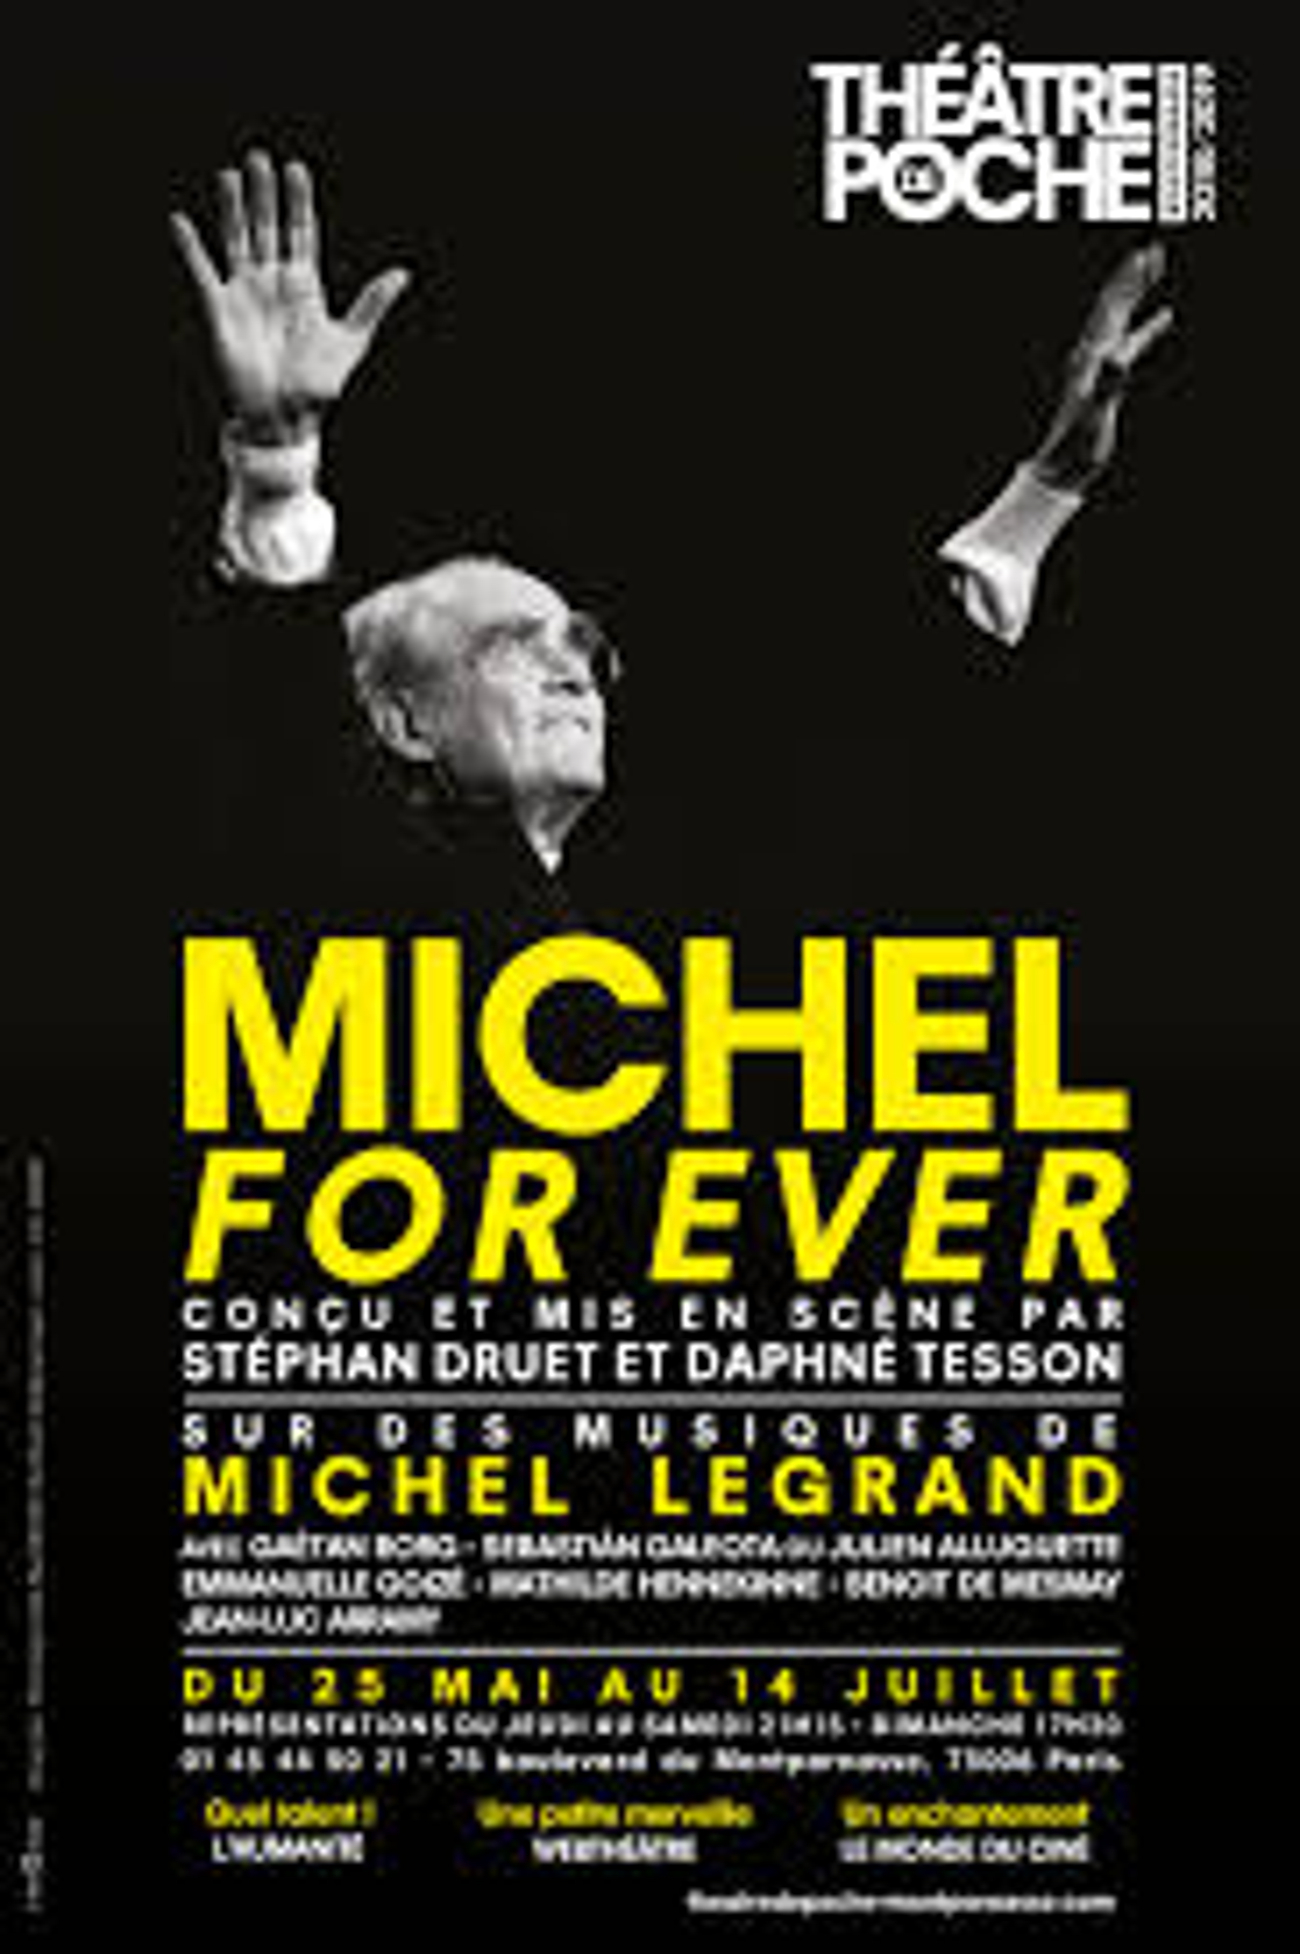 BWW Review: MICHEL FOR EVER at Théâtre De Poche